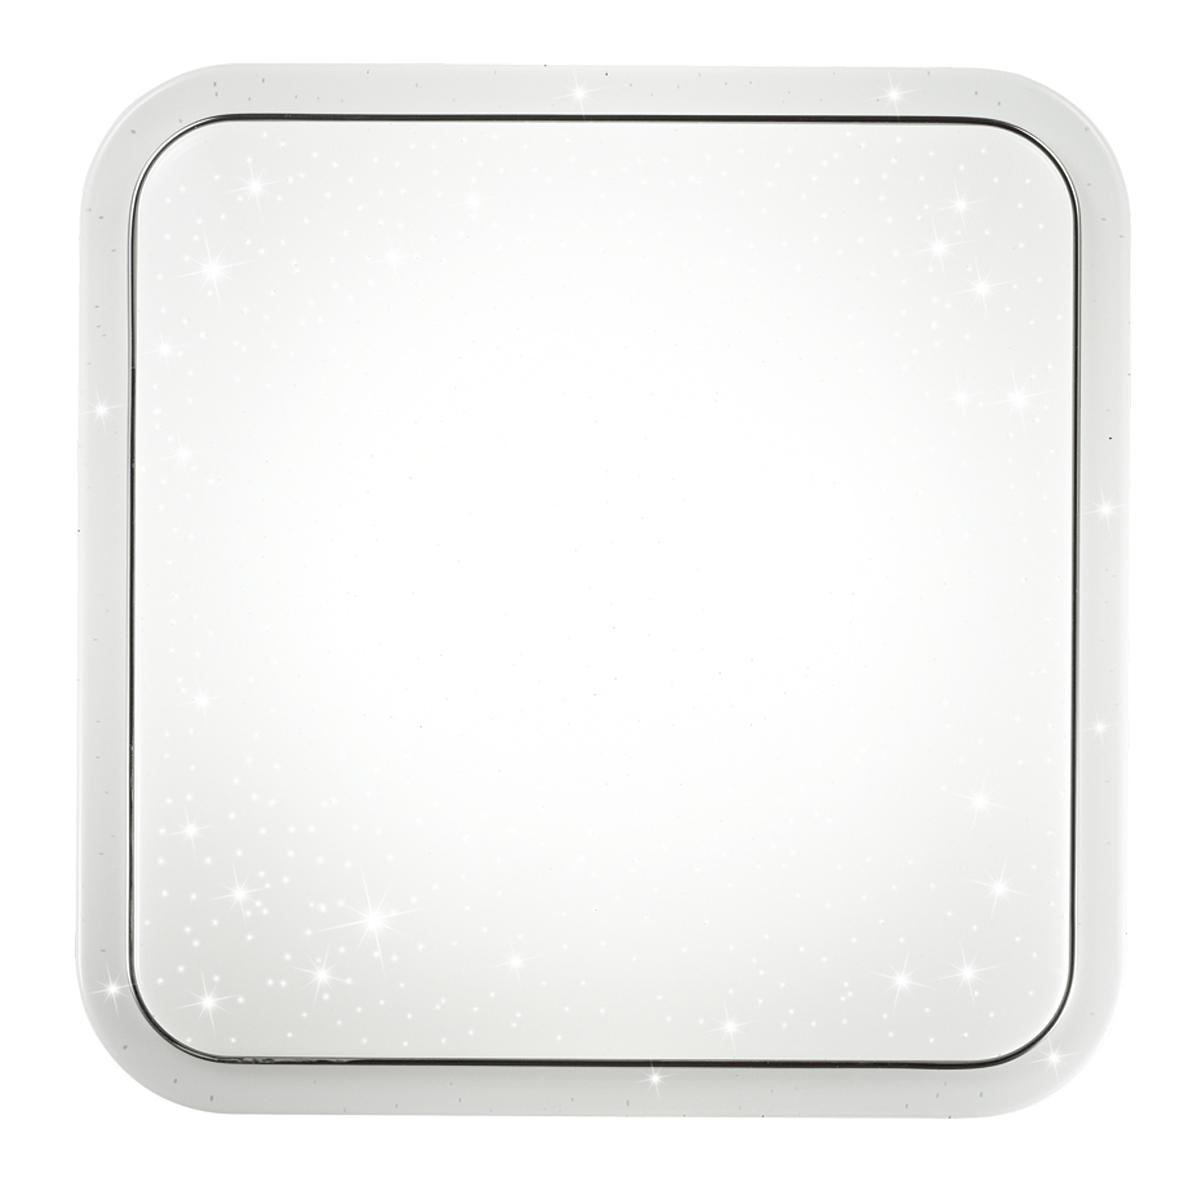 Потолочный светодиодный светильник Sonex Kvadri 2014/C, IP43, LED 28W 4000K 1419lm, белый, металл, пластик - фото 3